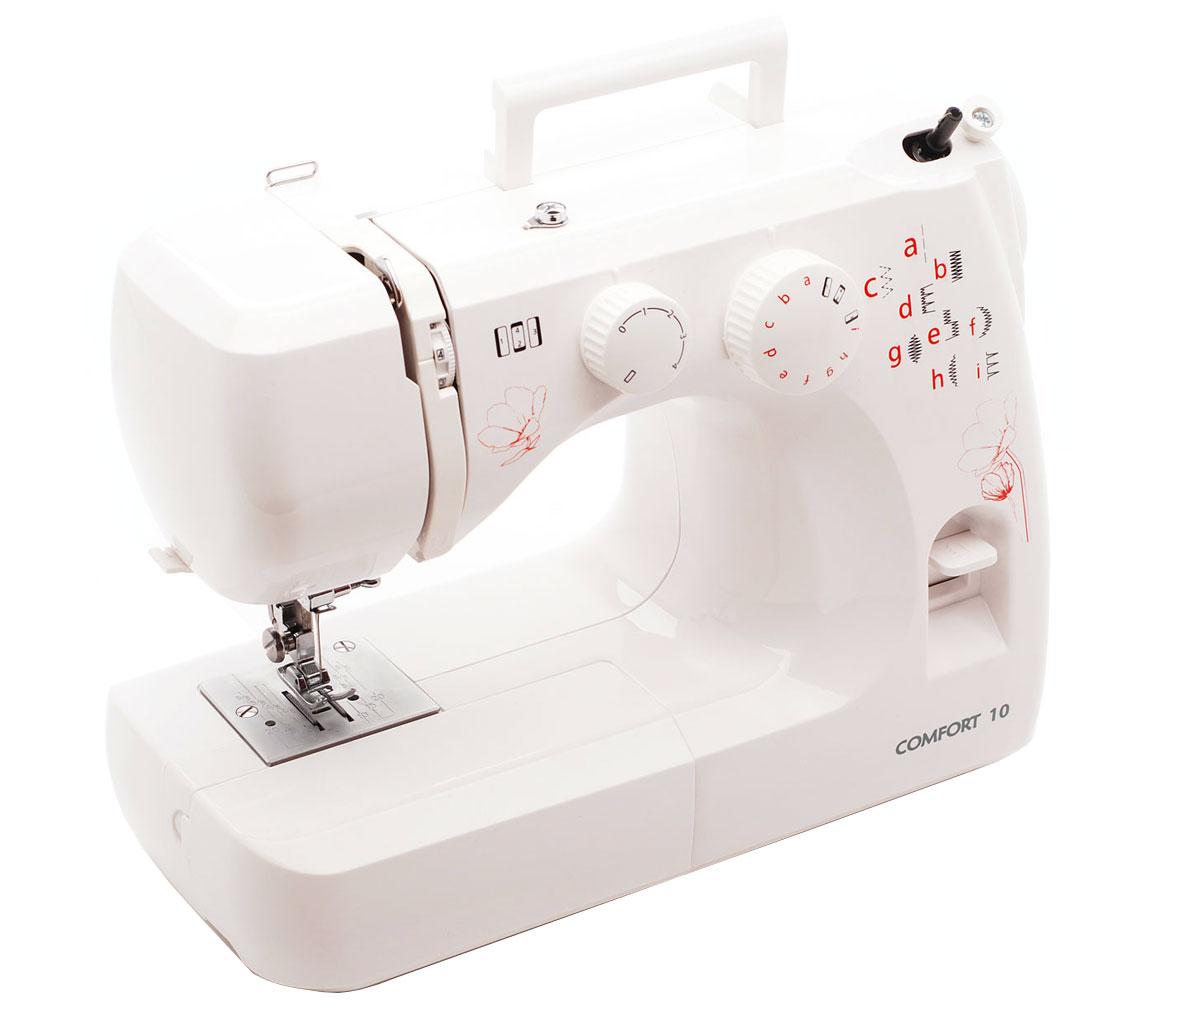 Швейная машина Comfort 10, White в пластиковом кейсе